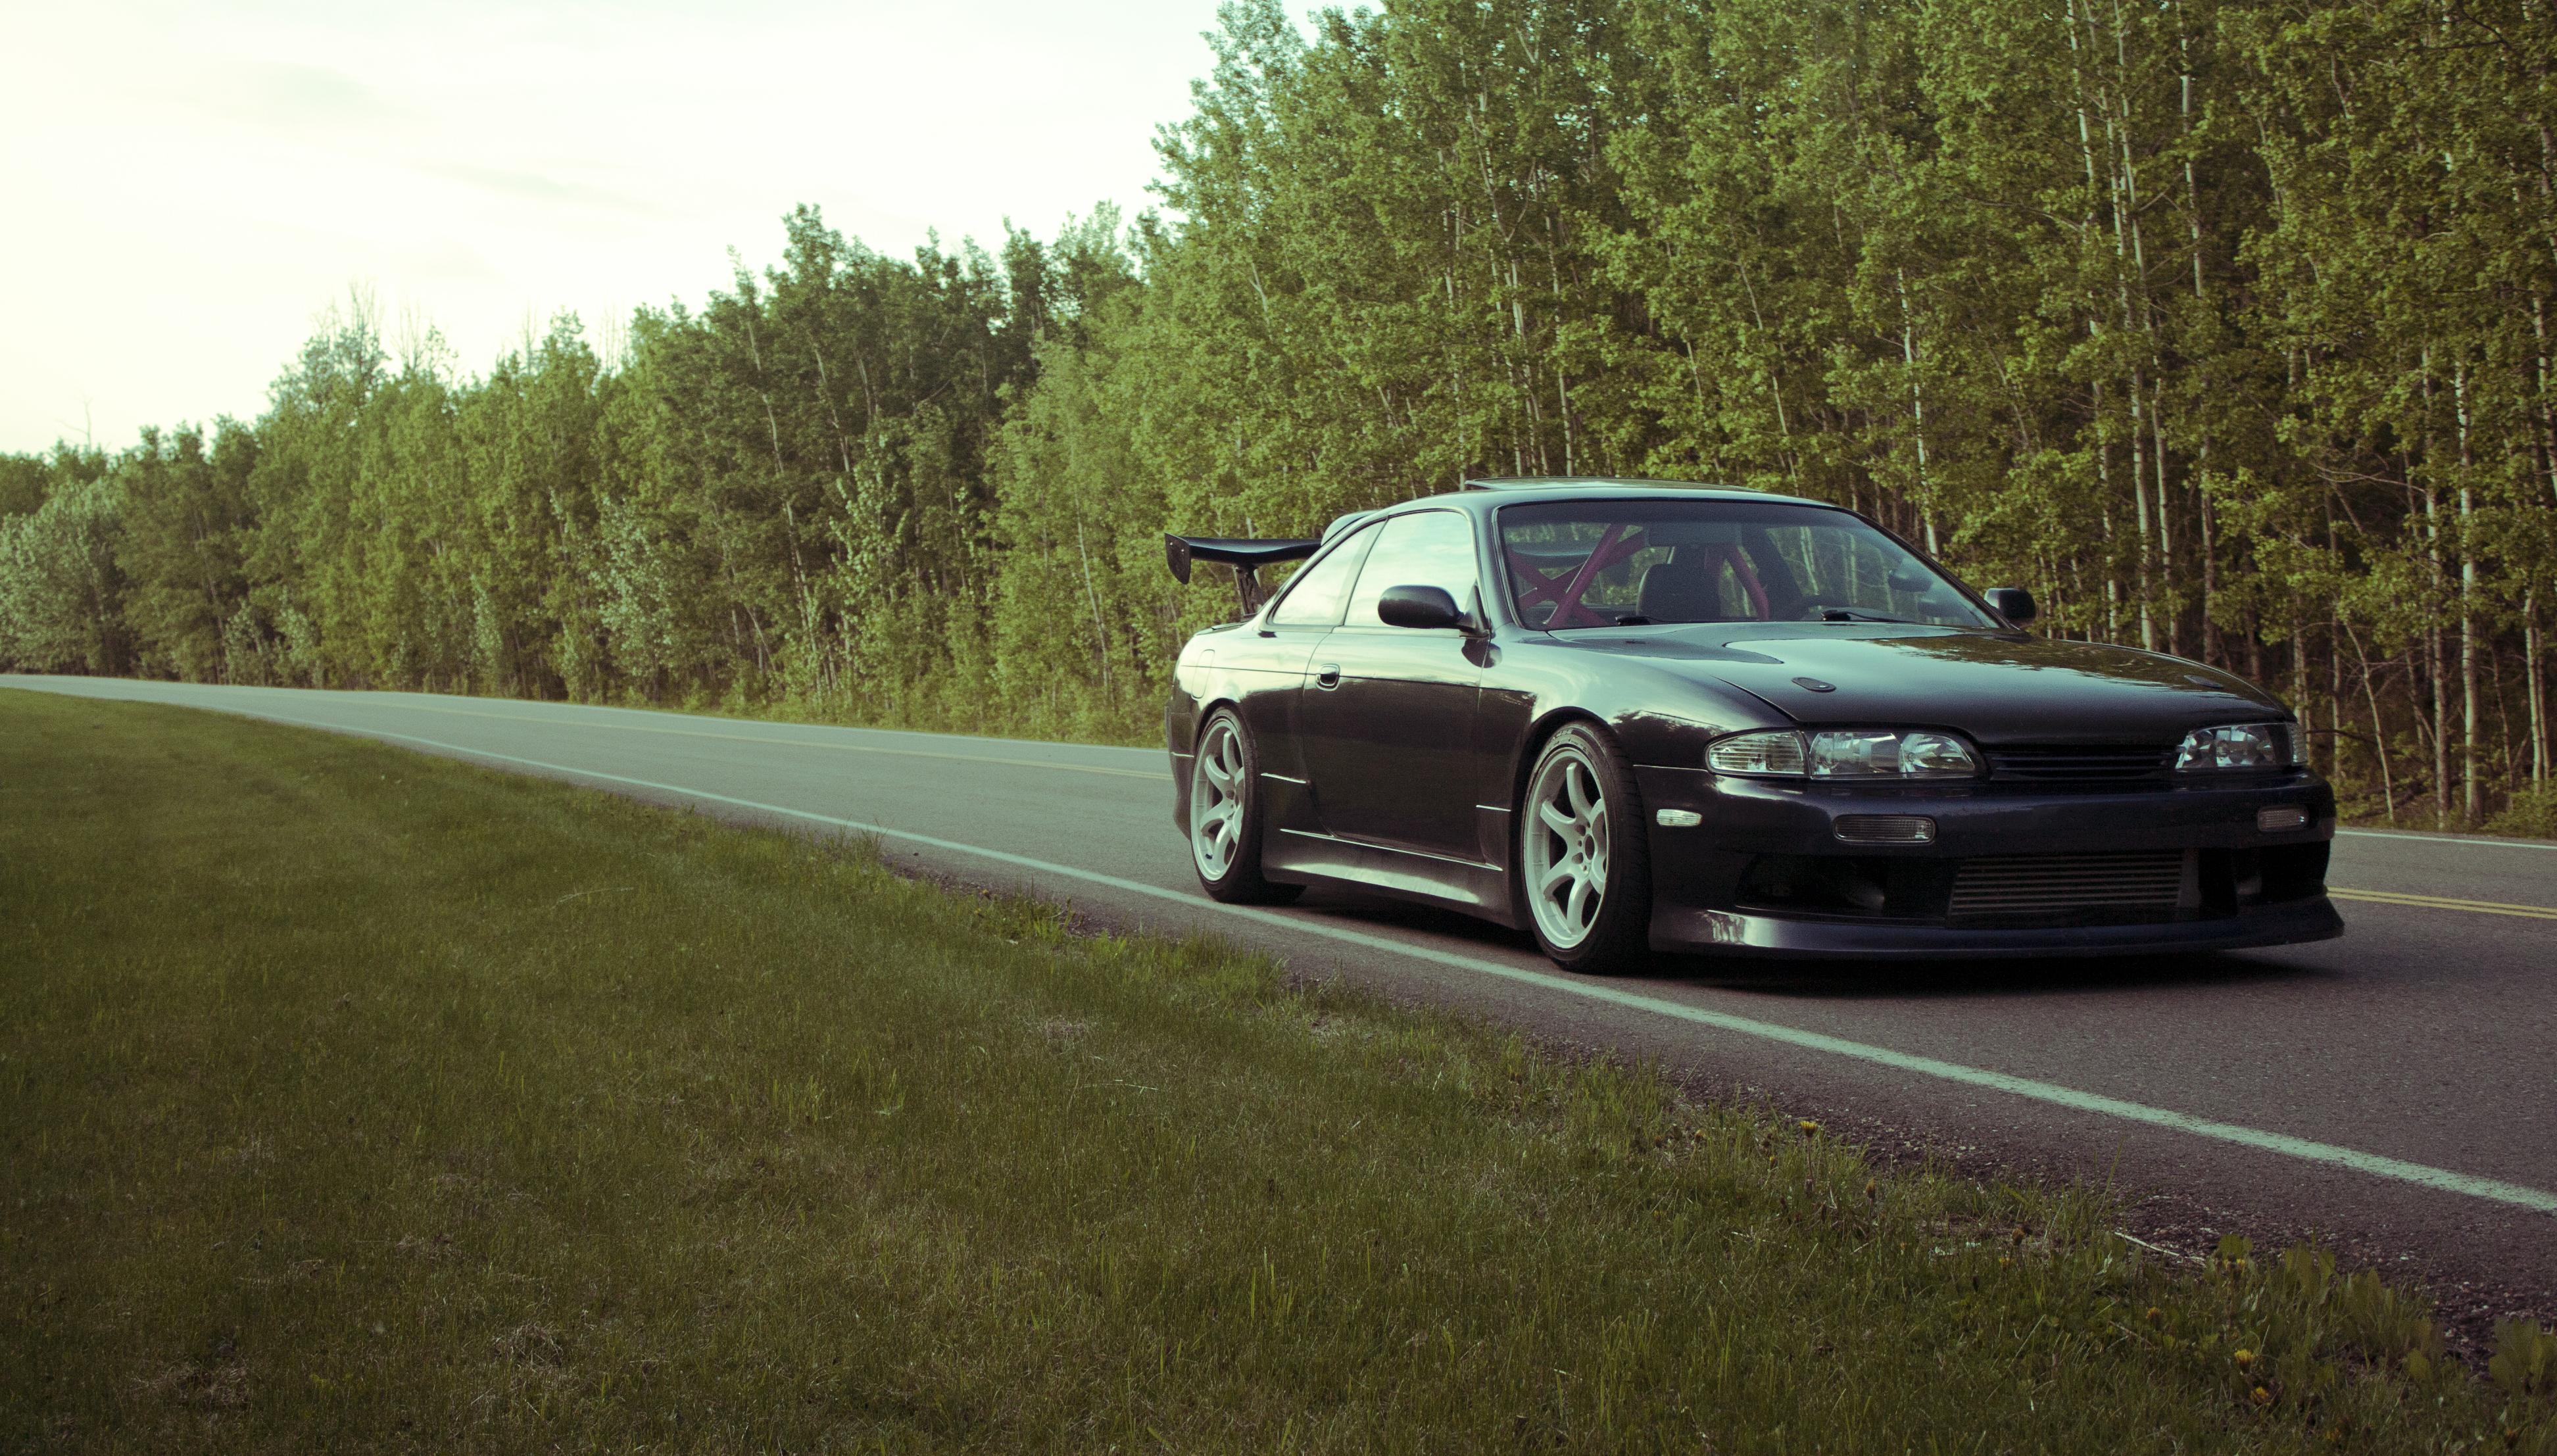 S14 wallpaper wallpapersafari - Nissan silvia s13 wallpaper ...